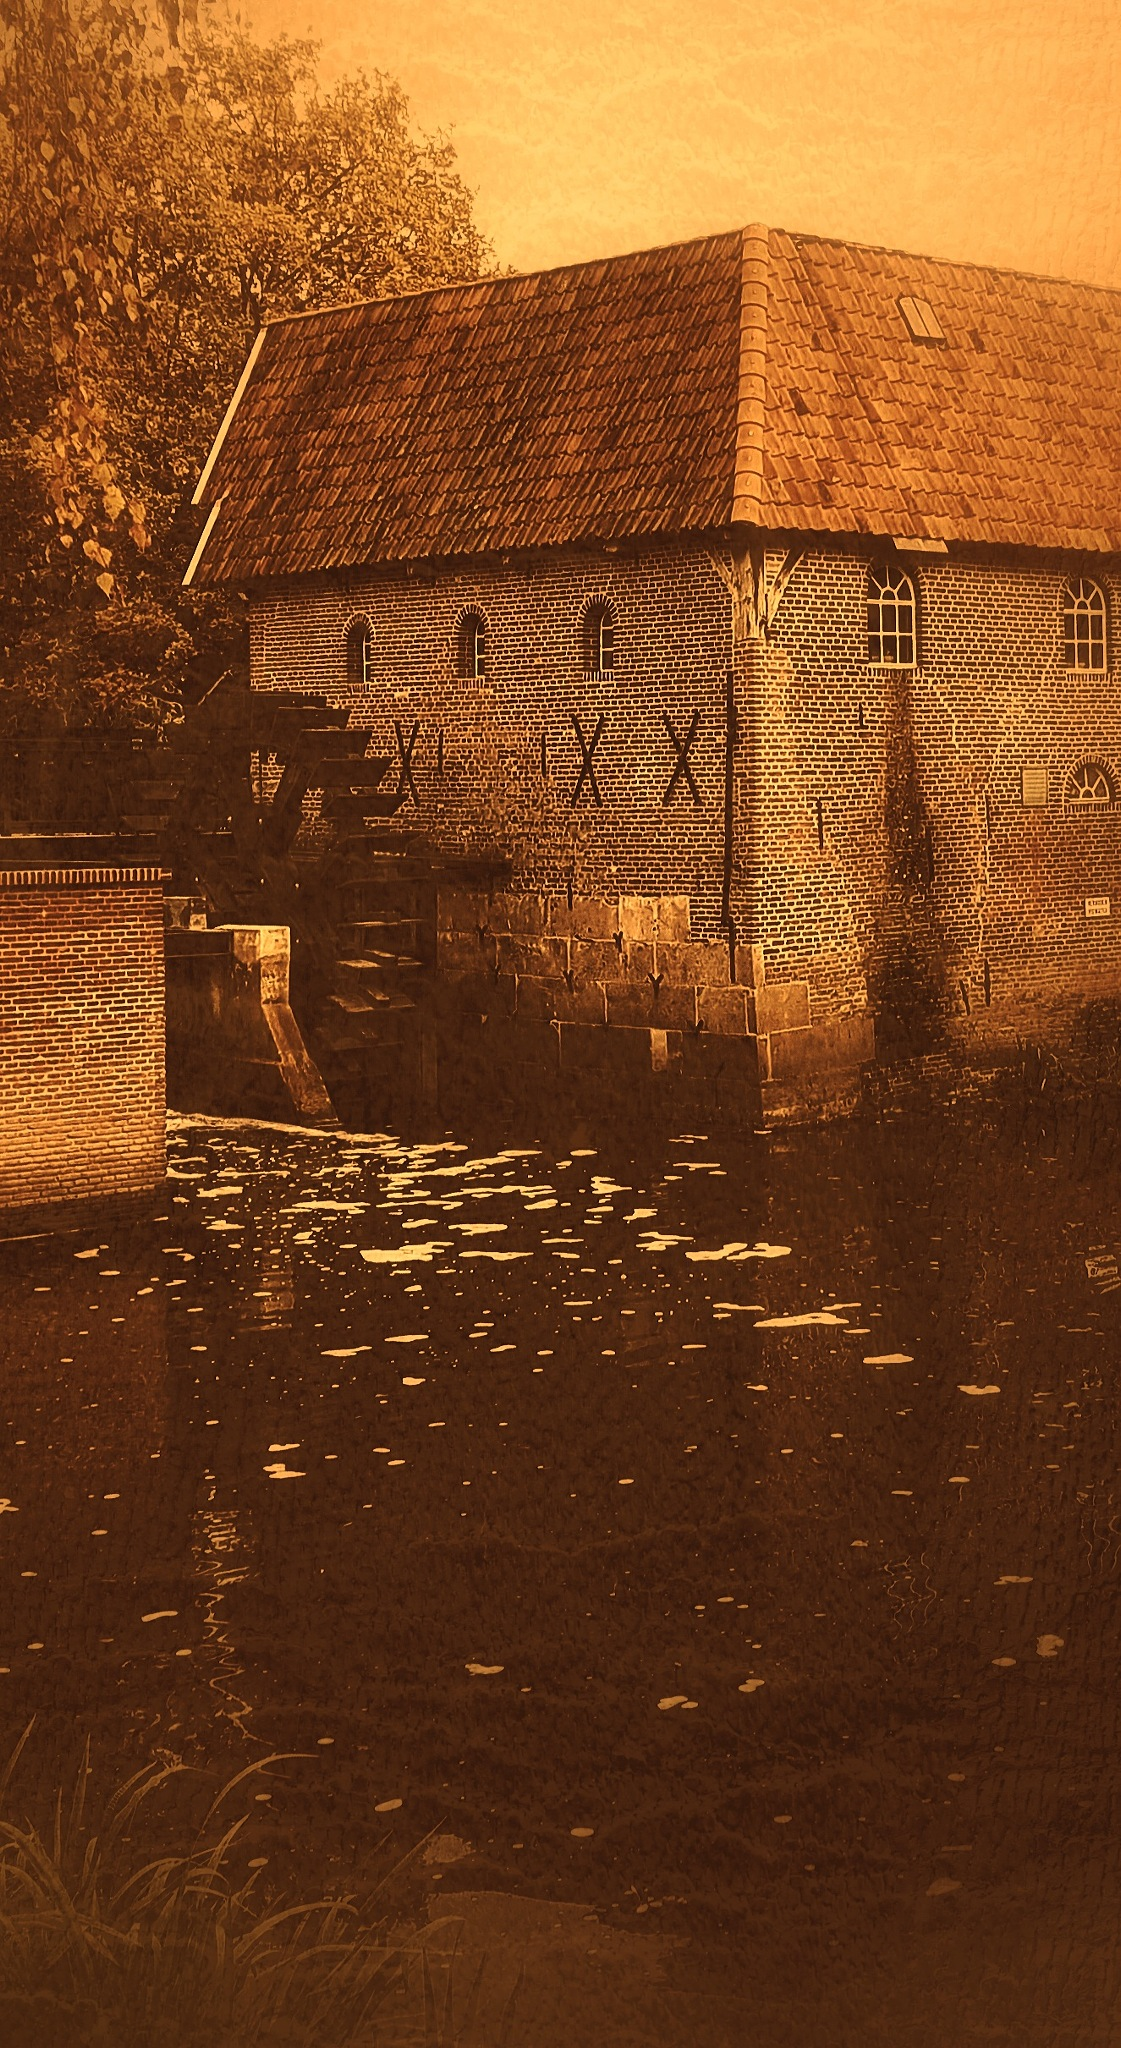 Water mill by Jannie Looge